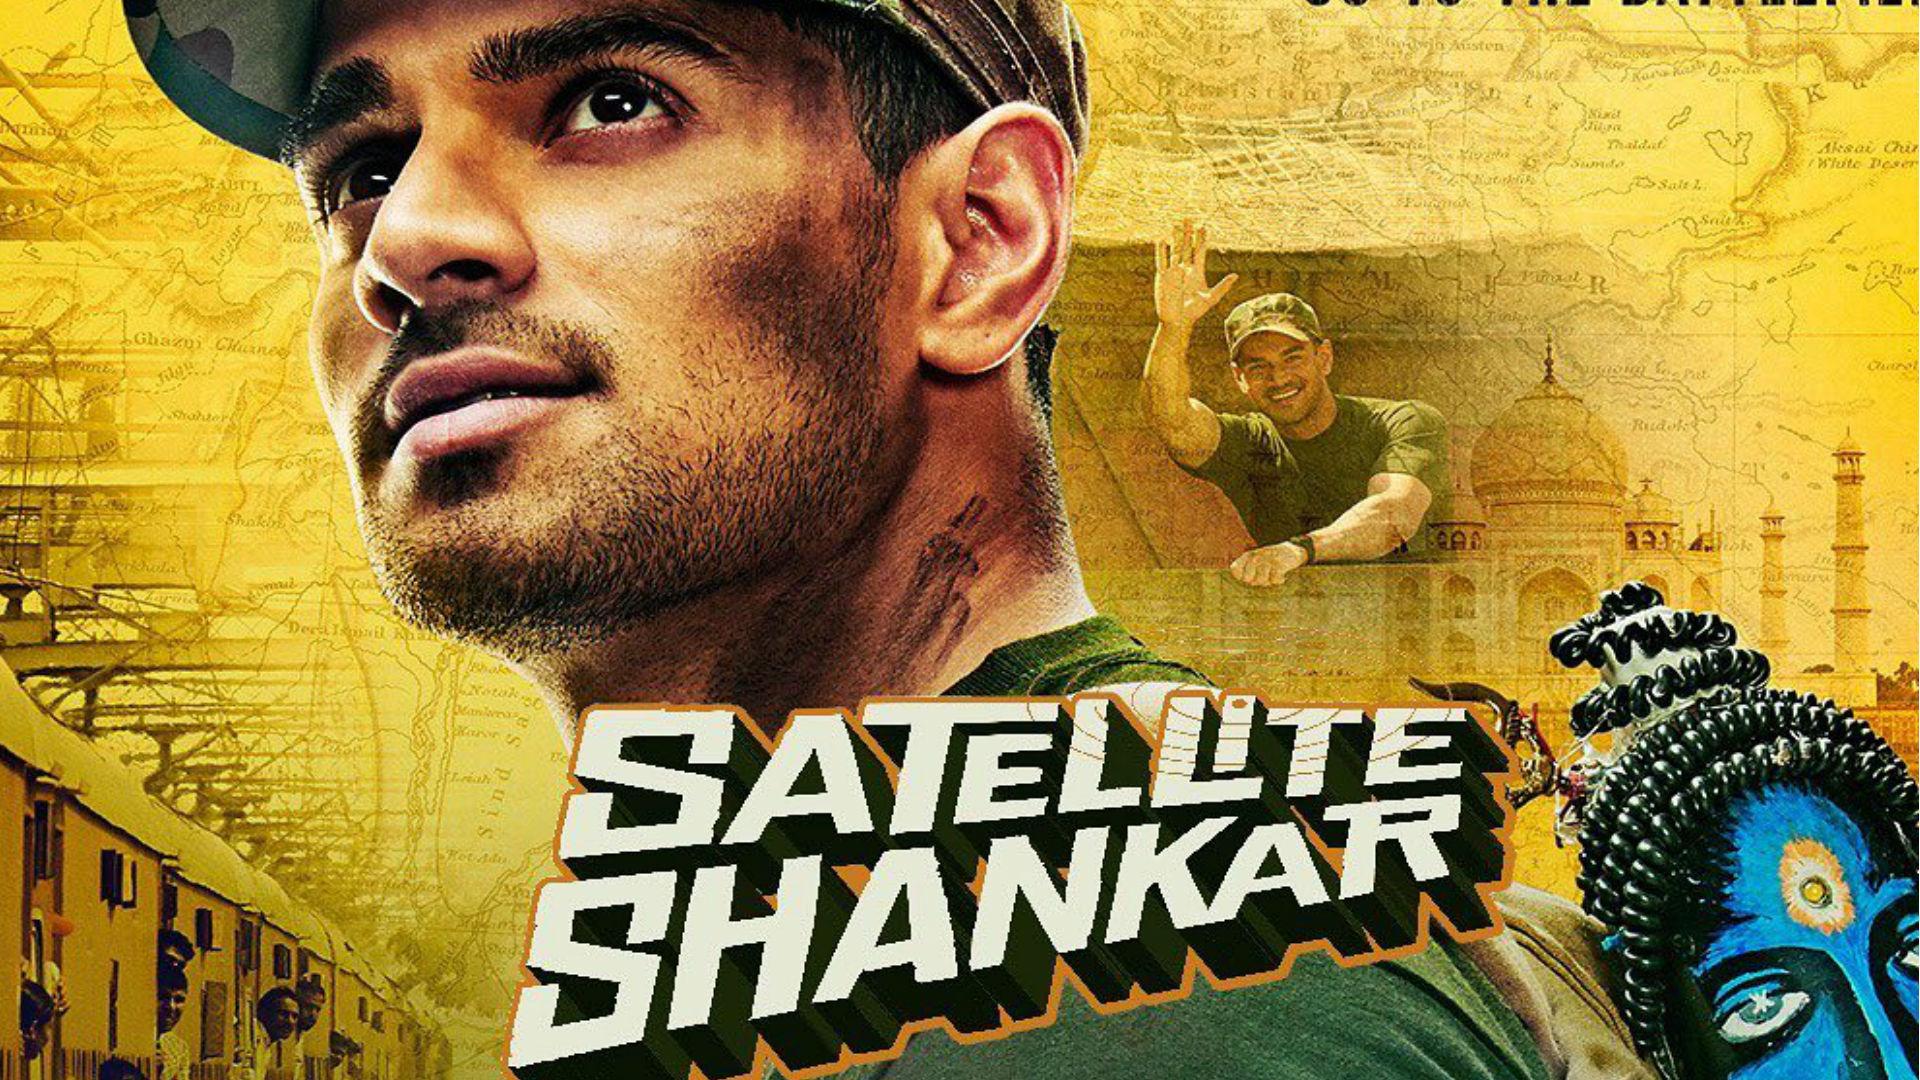 Satellite Shankar Trailer: सूरज पंचोली की फिल्म का ट्रेलर रिलीज, फौजियों की अनकही दास्तां बयां करेगी ये मूवी